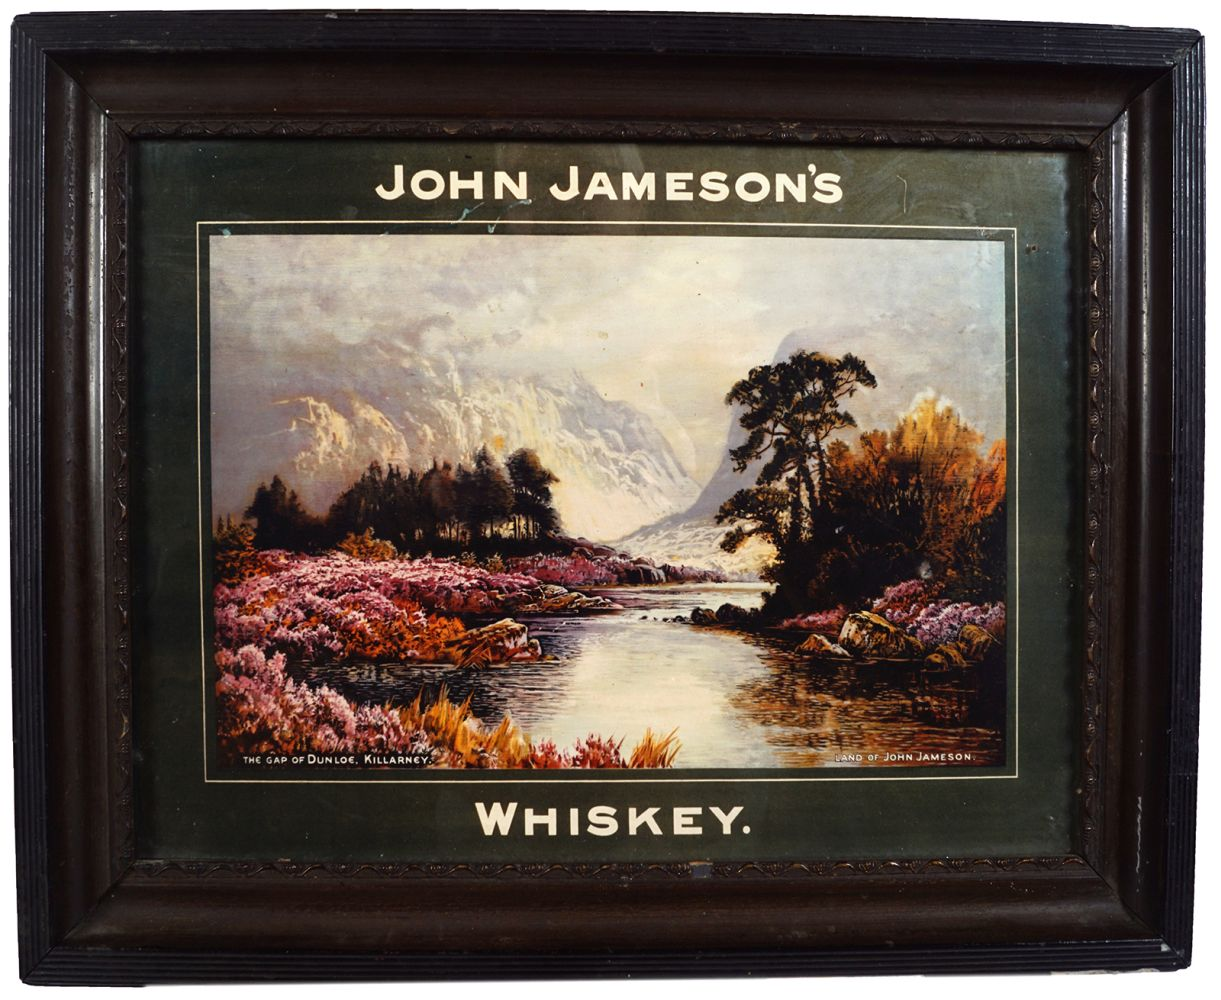 JOHN JAMESON'S WHISKEY